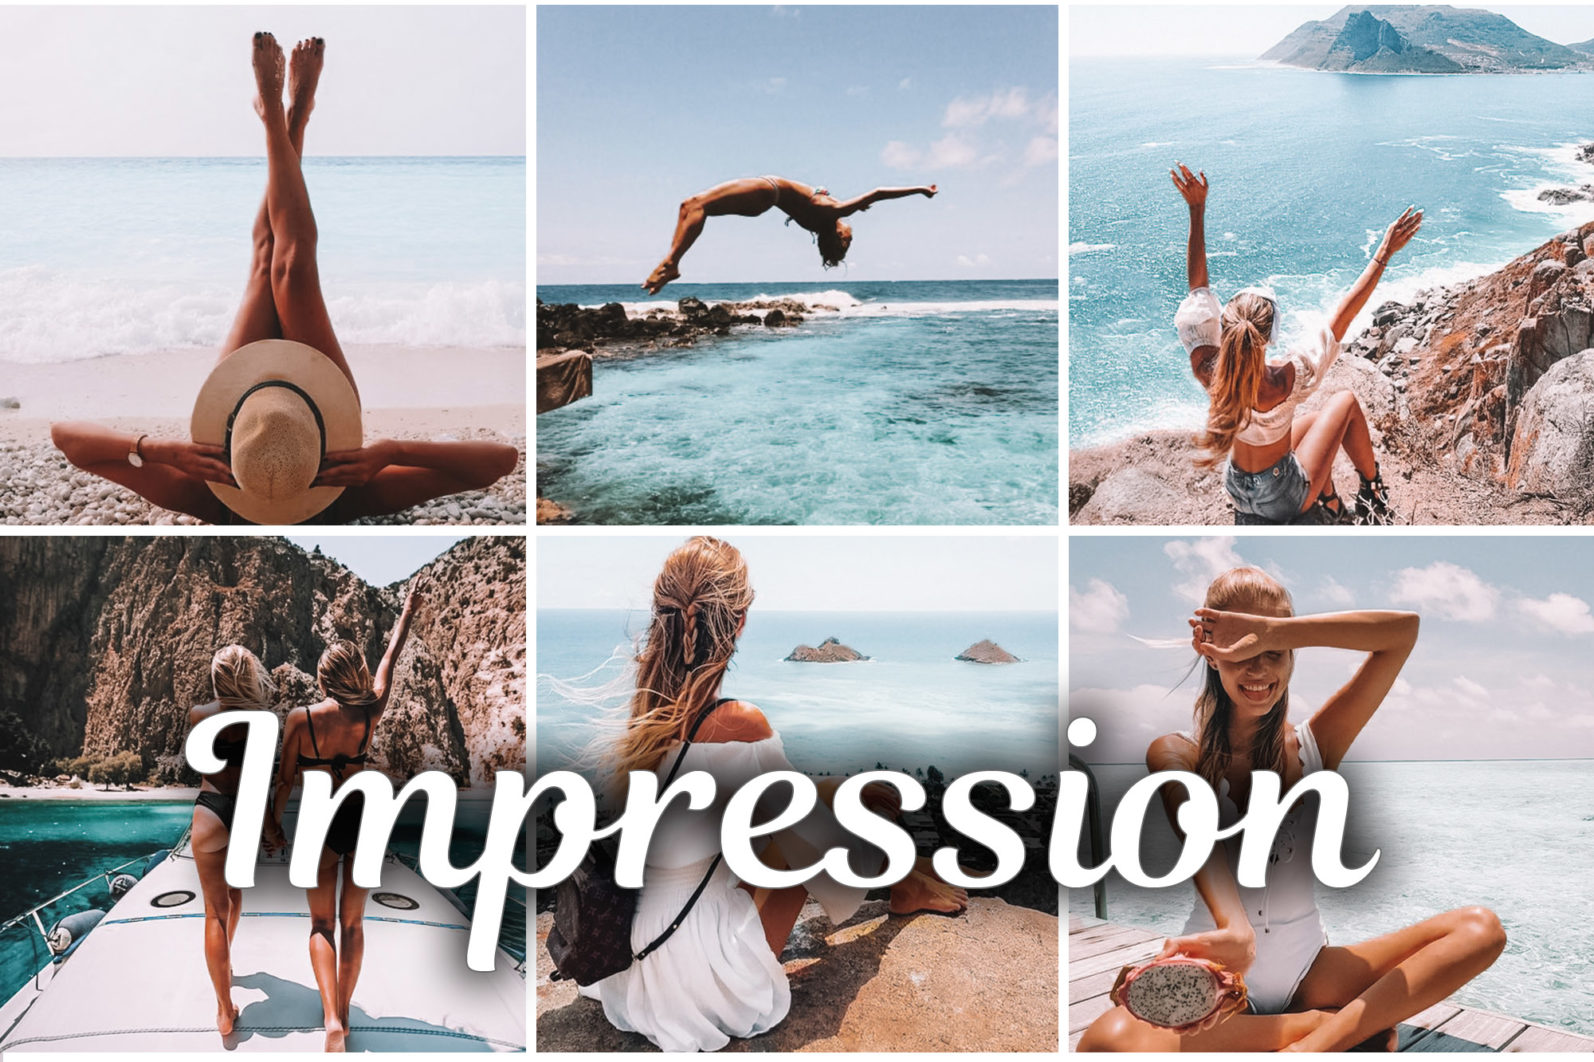 7 Mobile & Desktop Lightroom Presets IMPRESSION - Impression lightroom presets mobile desktop scaled -